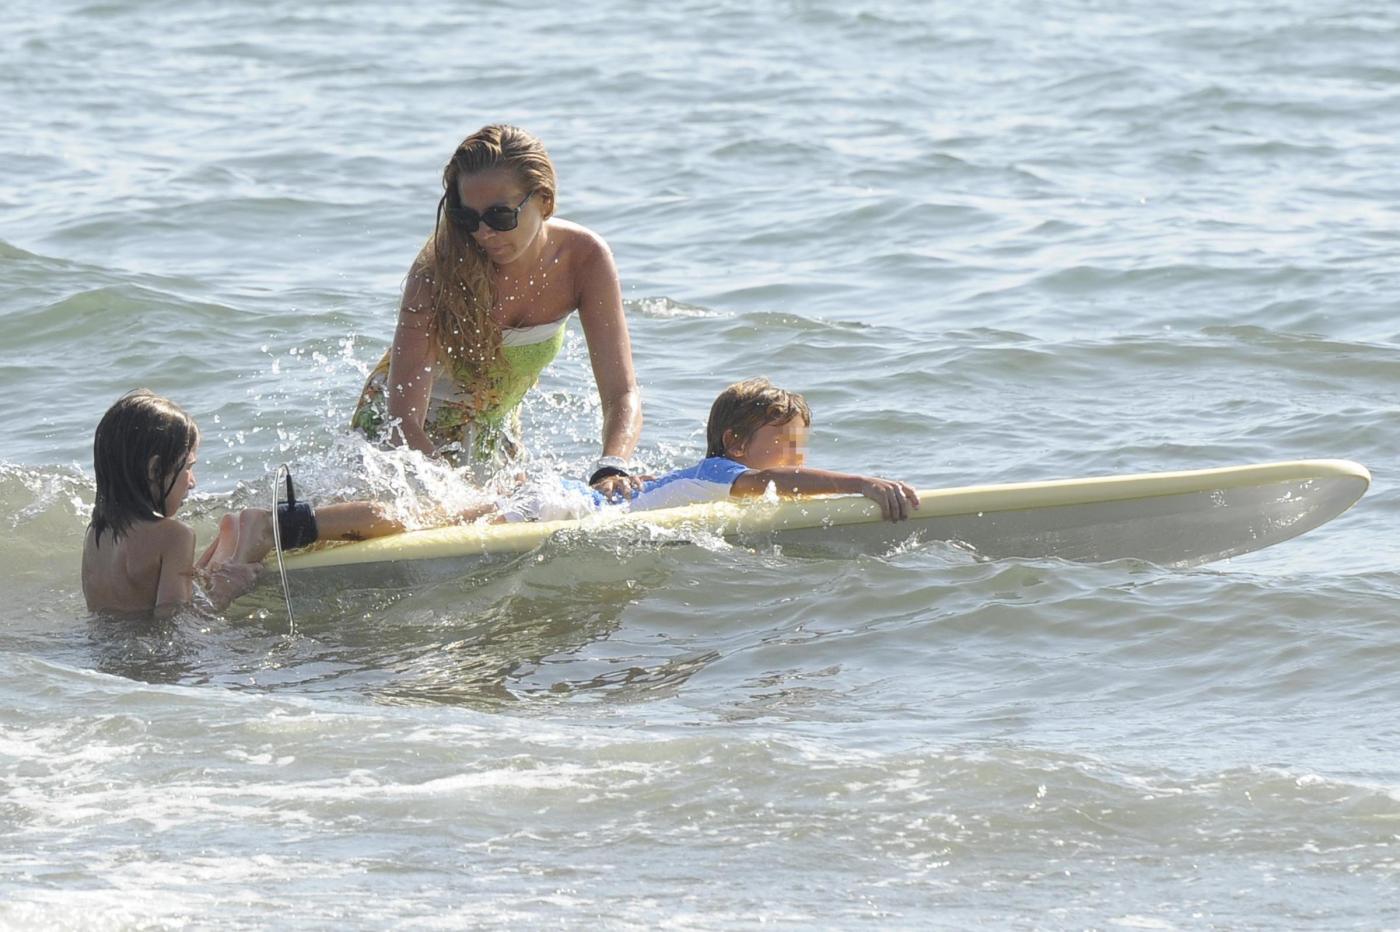 Federica Panicucci gioca in acqua con i figli a Forte dei Marmi 05